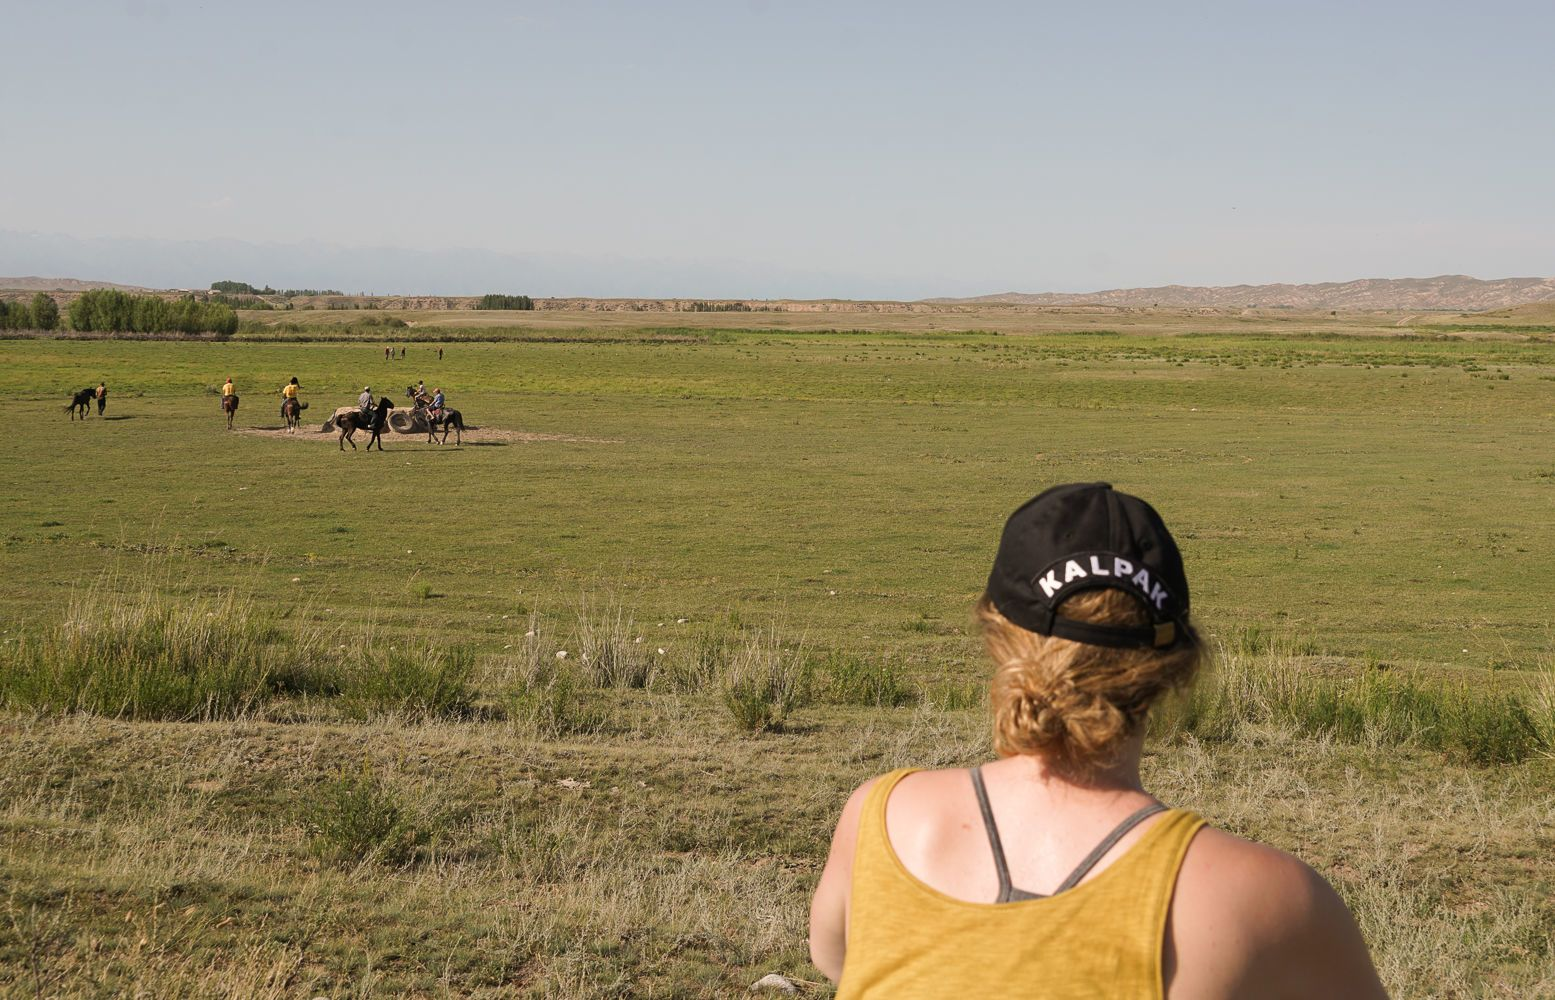 Kalpak Travel & horses in Central Asia